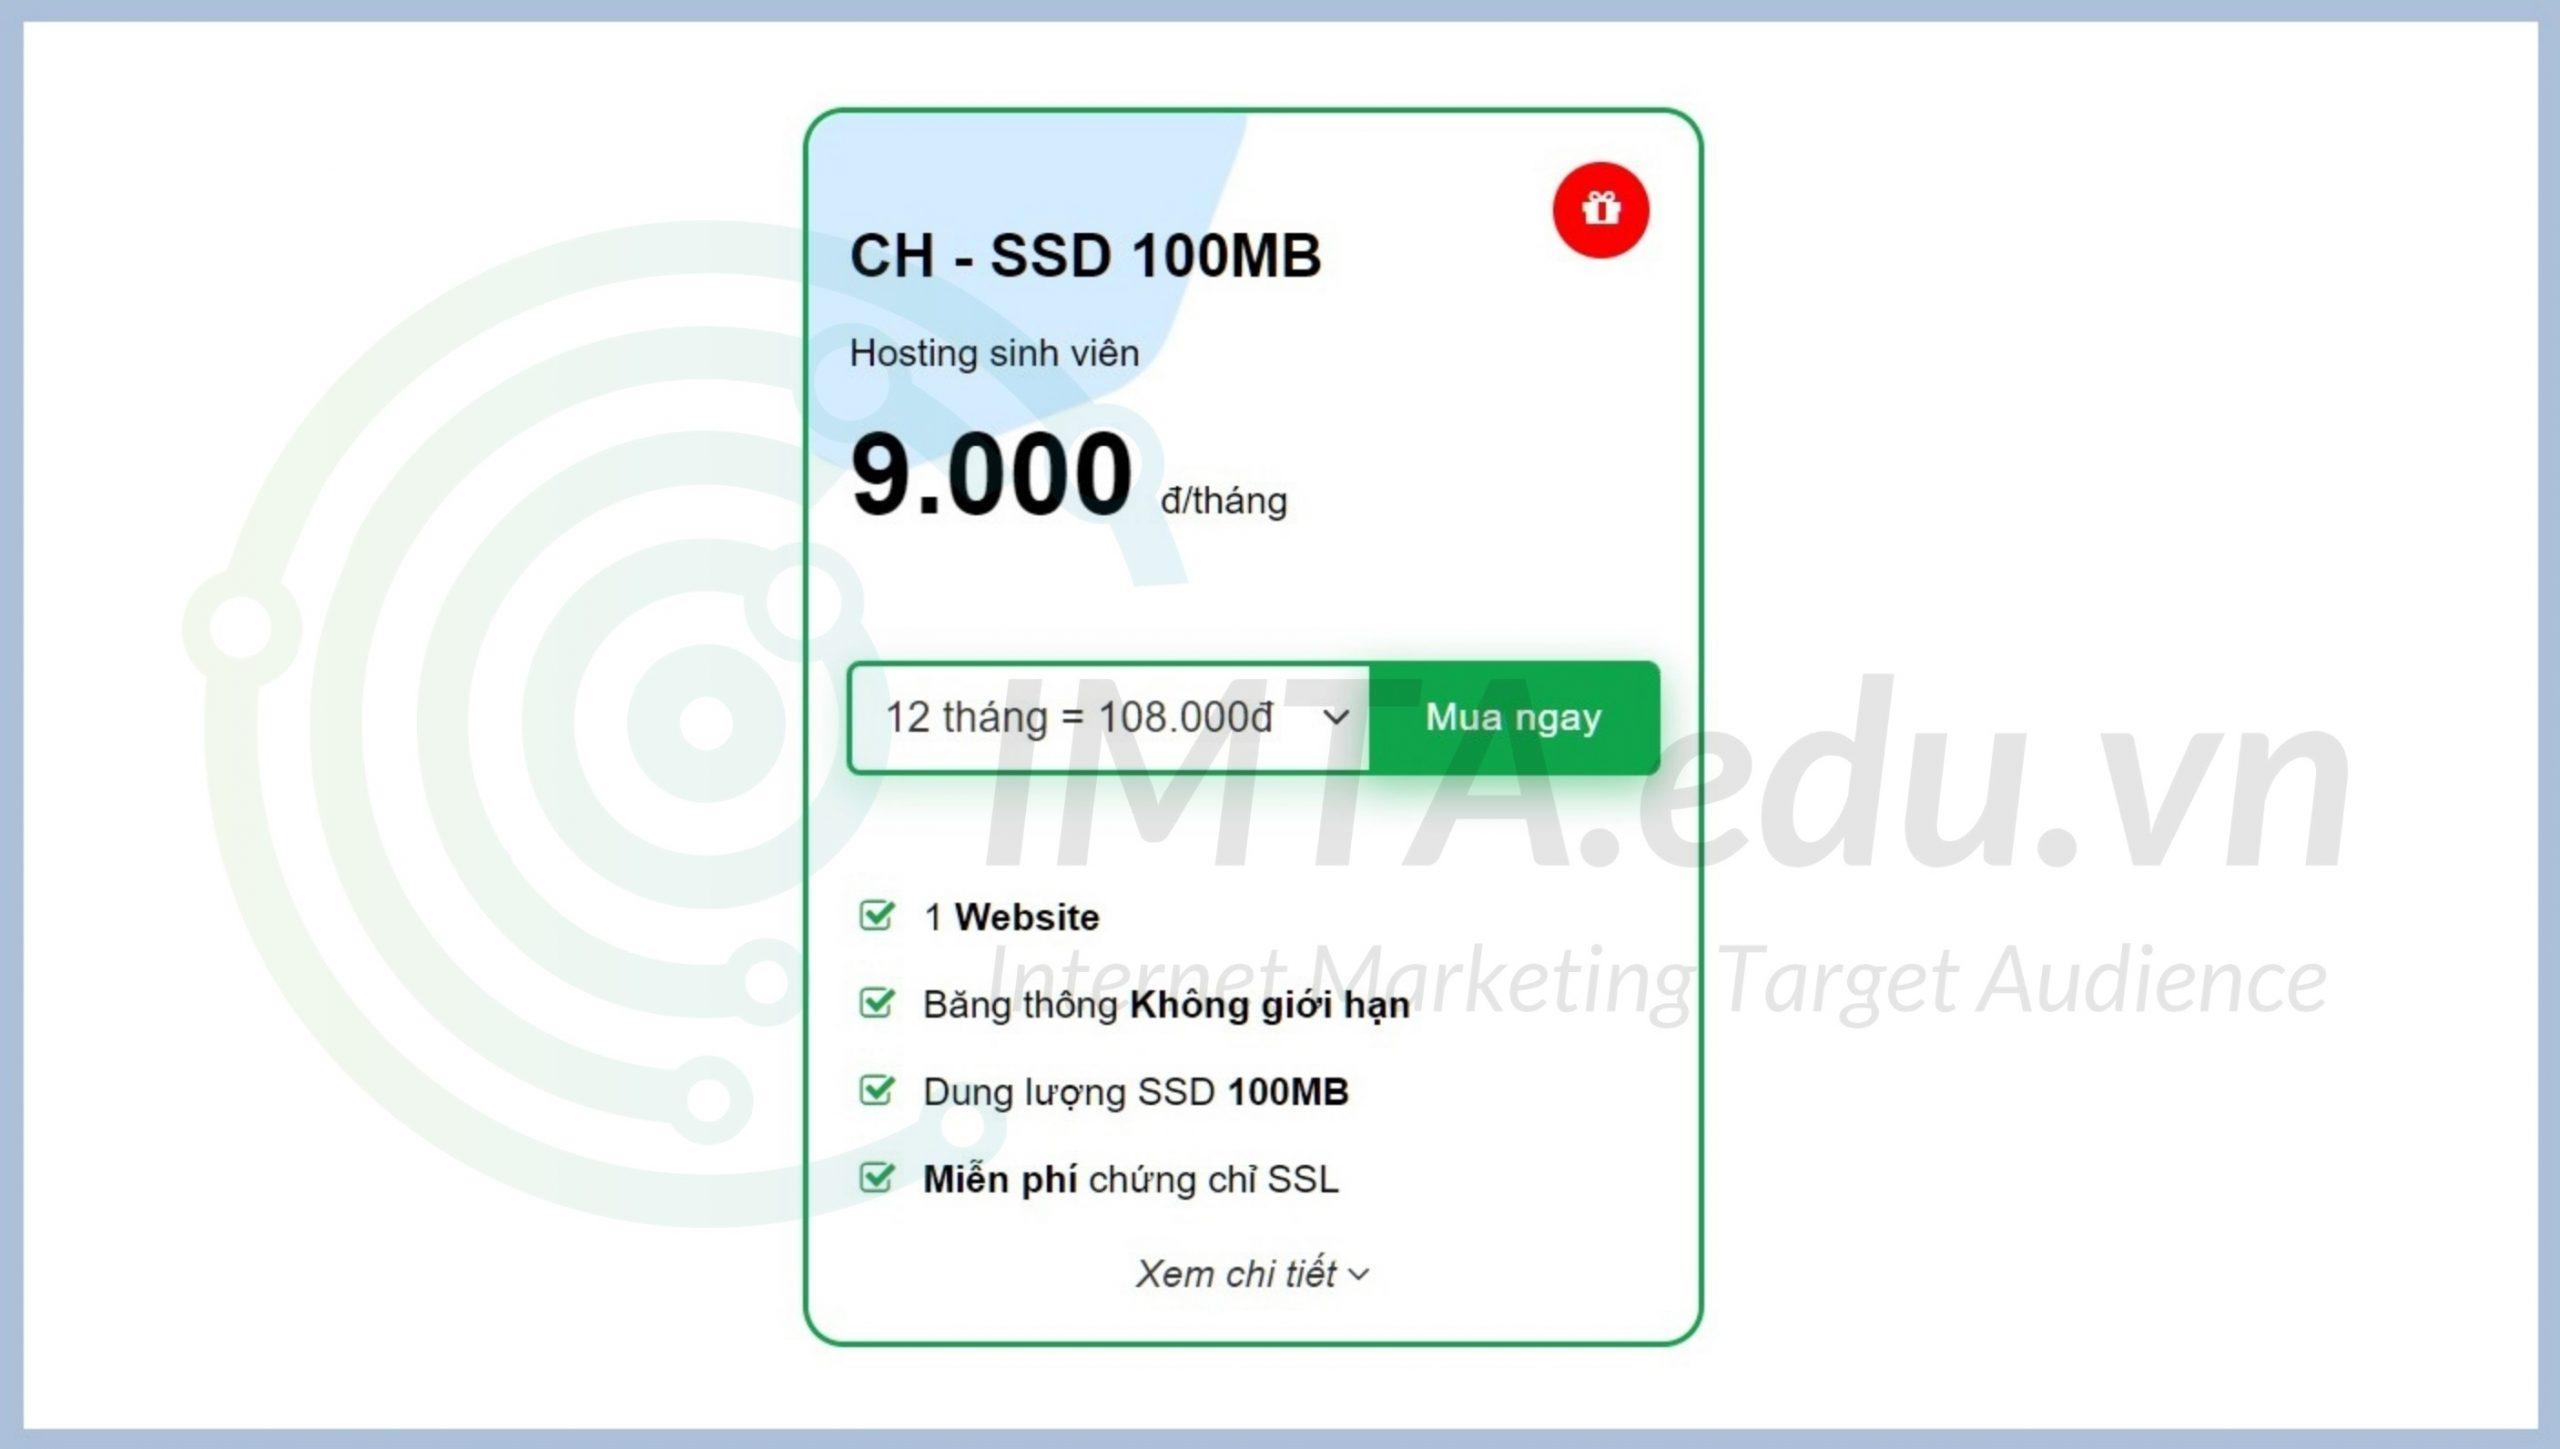 Một gói hosting giá rẻ trên thị trường